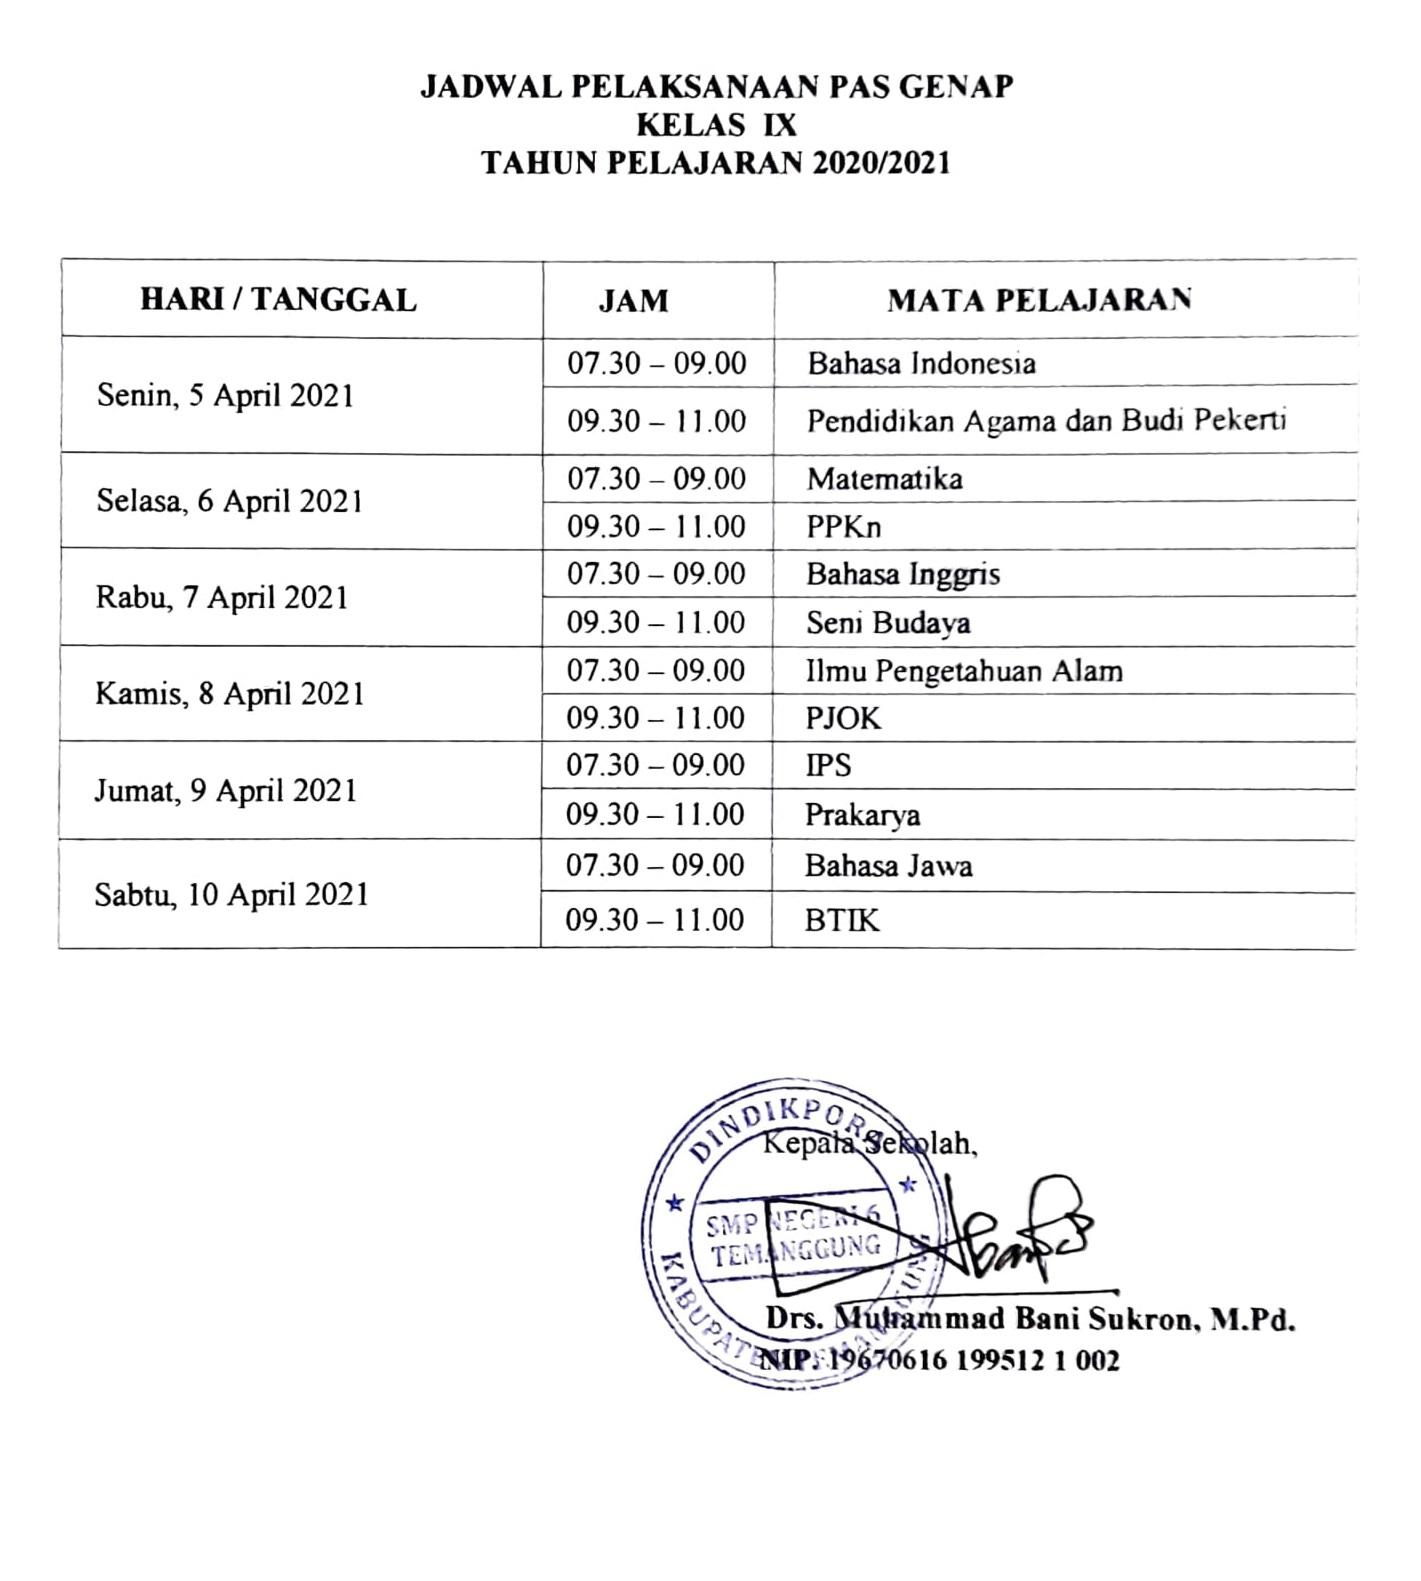 Pemberitahuan-Pelaksanaan-PAS-Genap-Kelas-IX-2